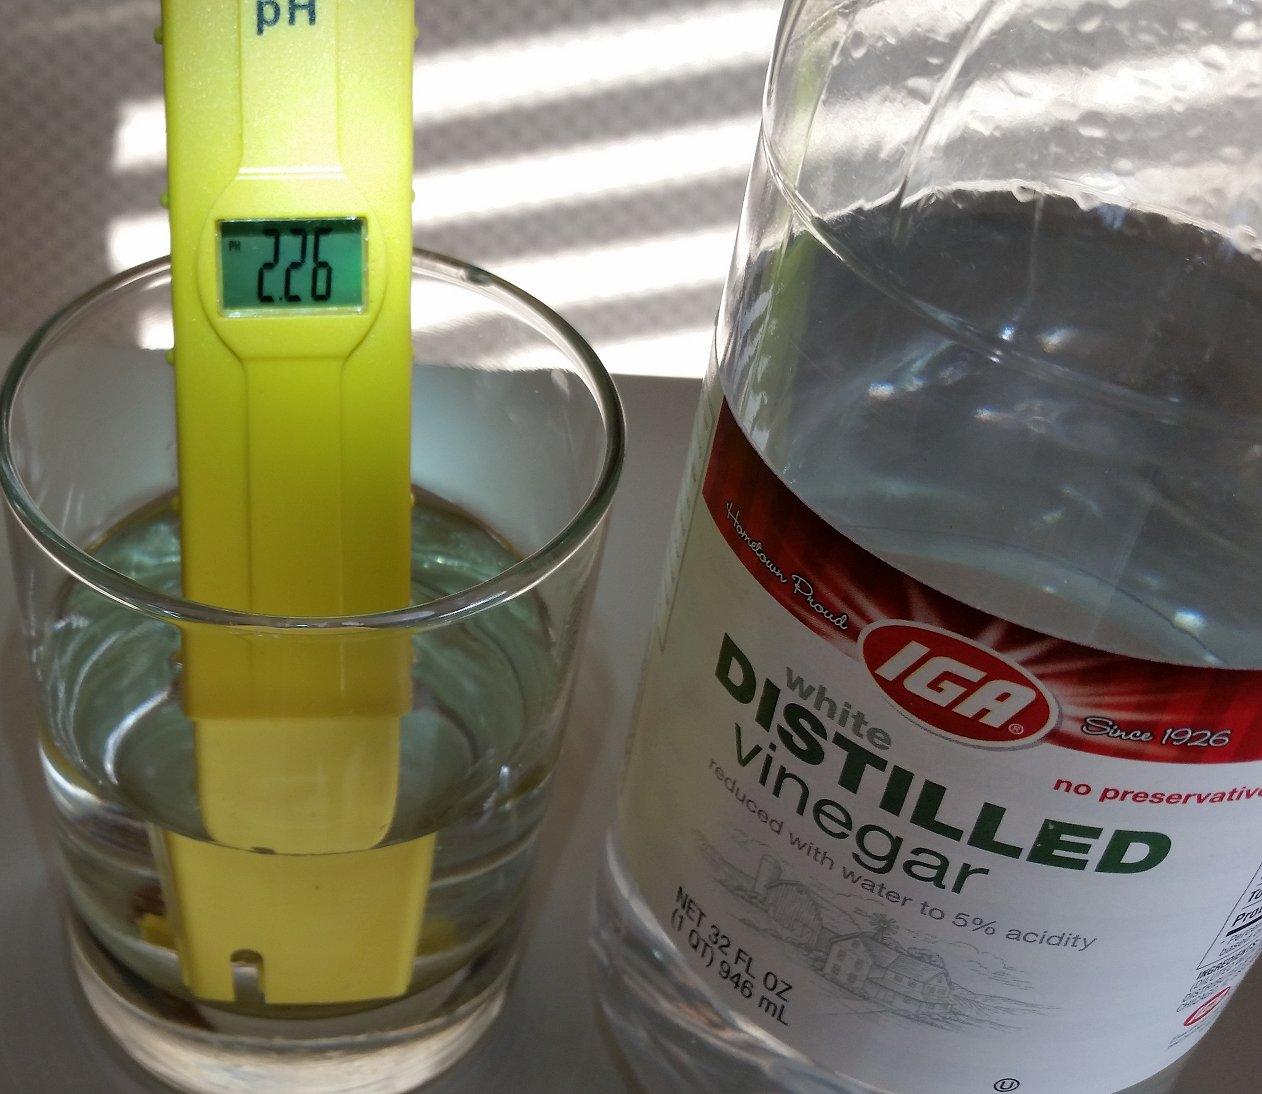 pH balance of Vinegar